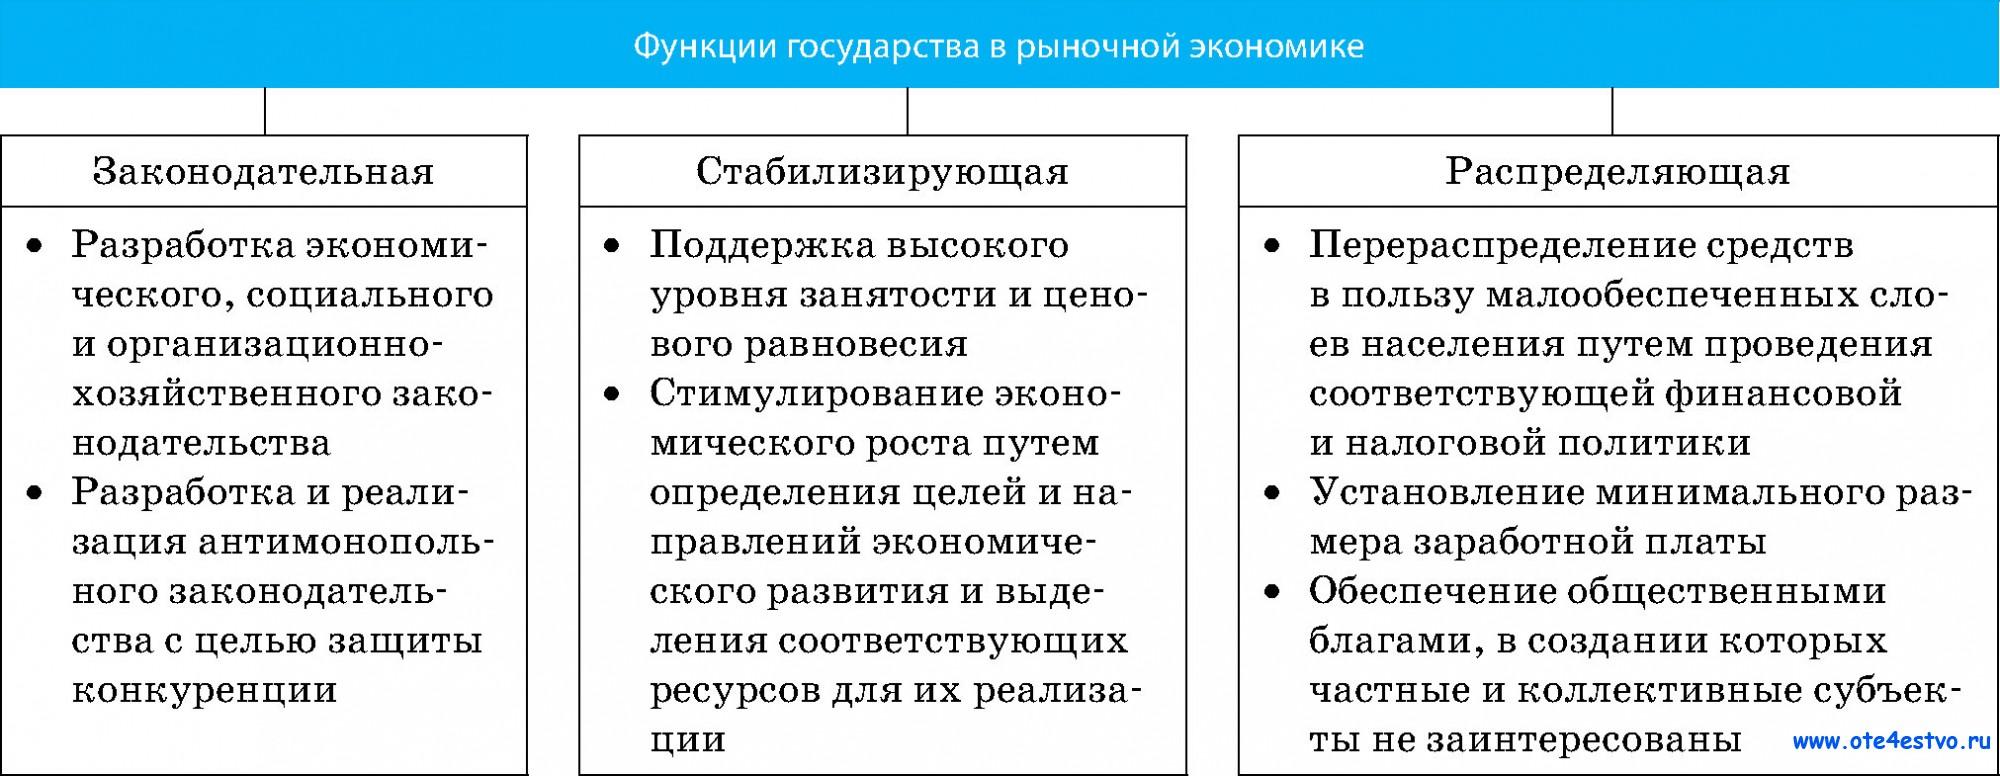 Основные экономические функции схема